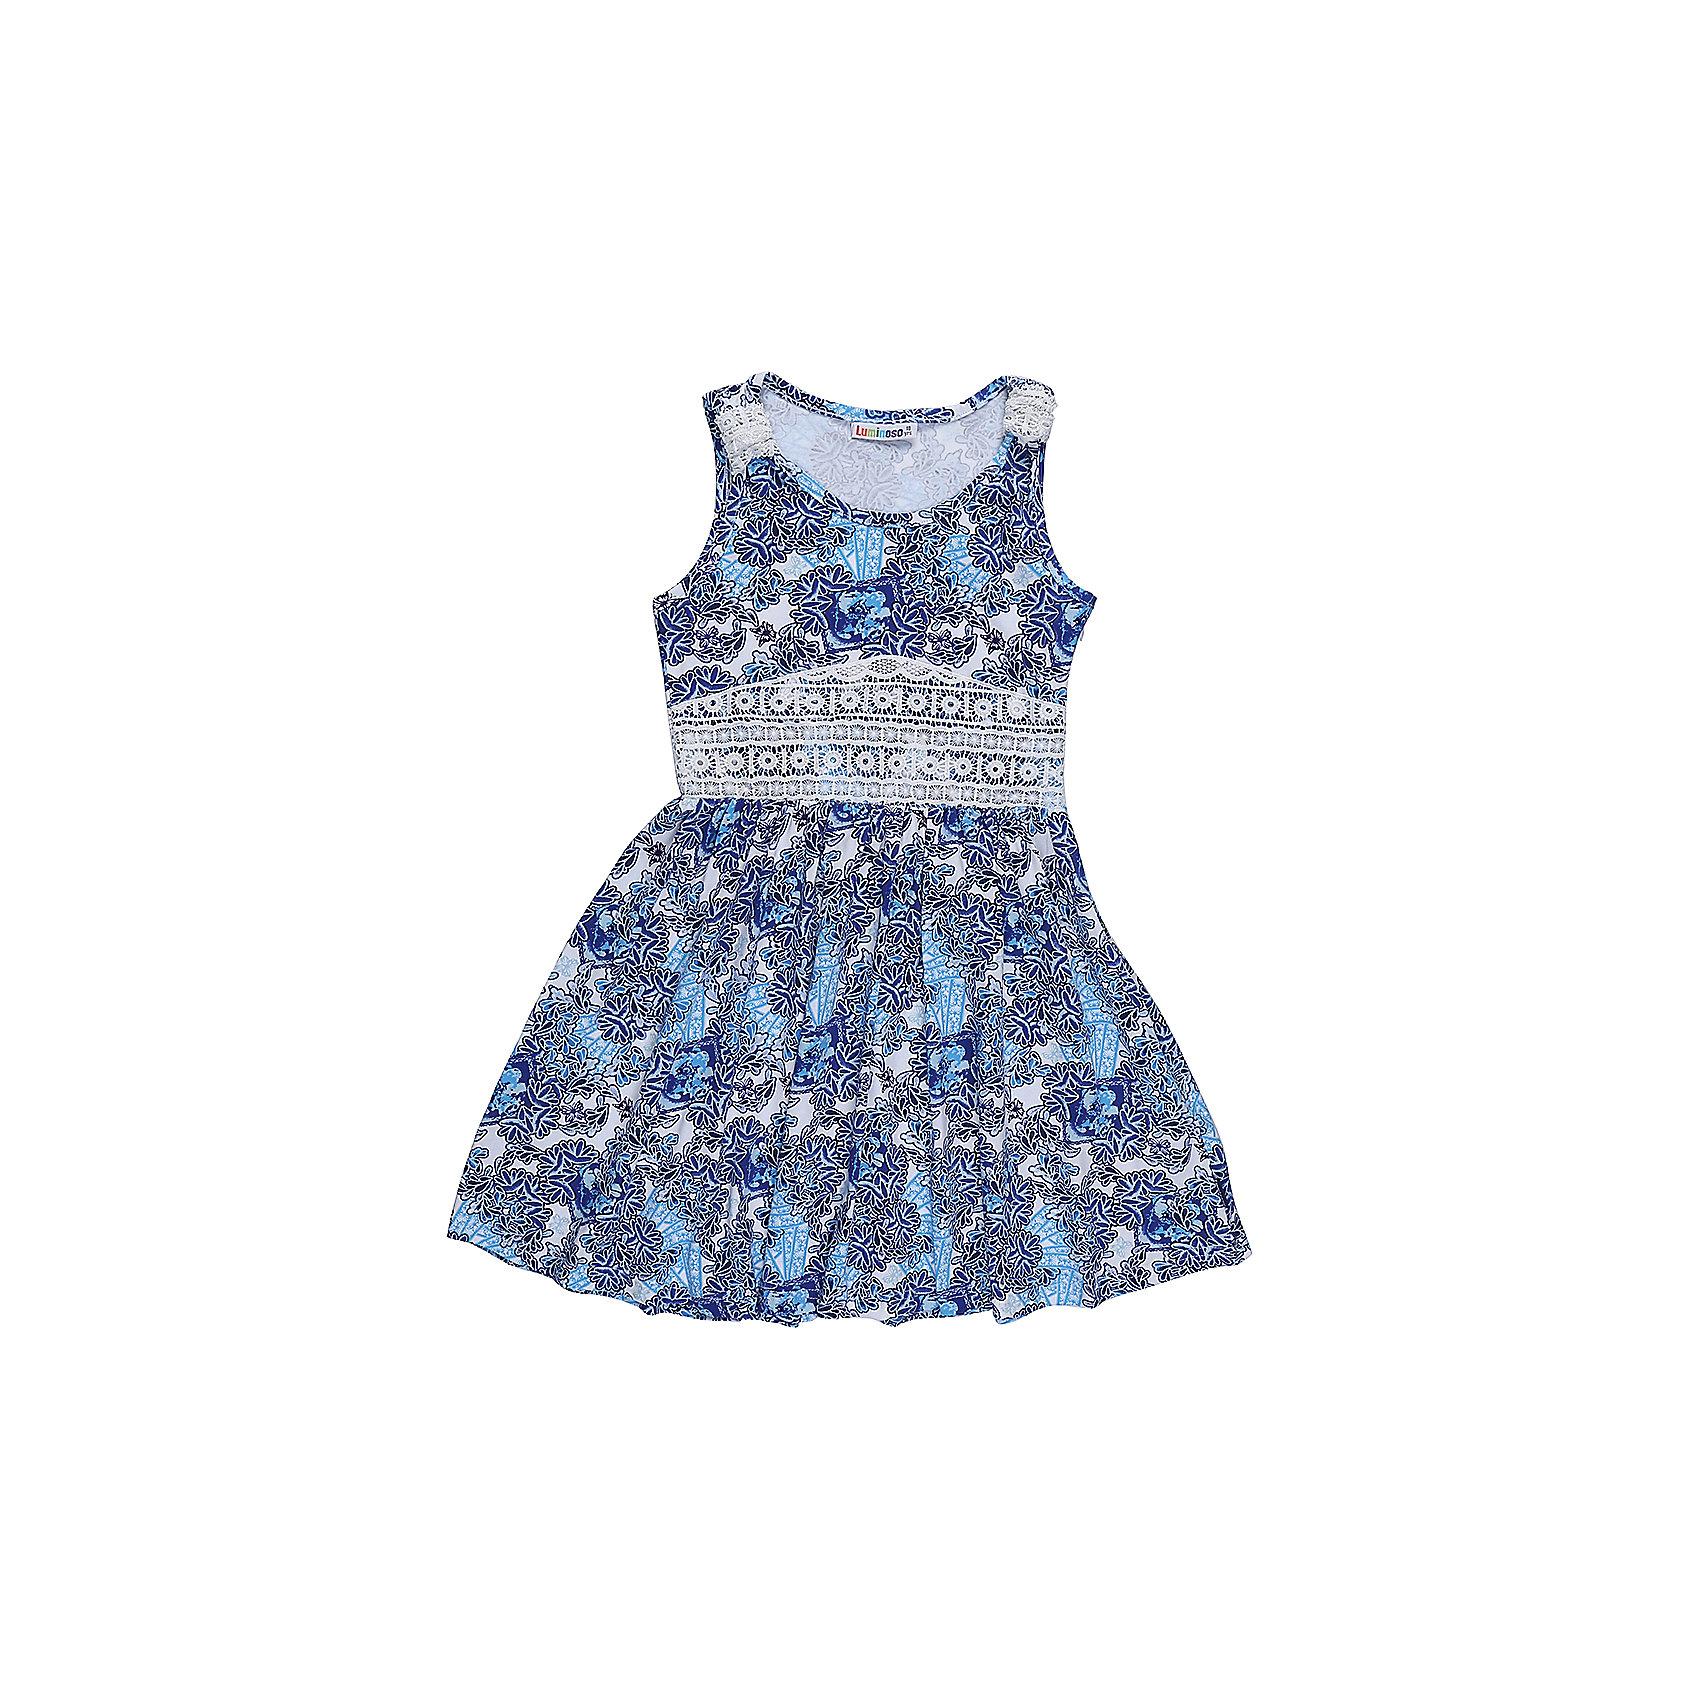 Платье для девочки LuminosoПлатья и сарафаны<br>Трикотажное платье для девочки из принтованной ткани. Пояс платья декорирован контрастным кружевным плетением. Приталенный крой.<br>Состав:<br>95%хлопок 5%эластан<br><br>Ширина мм: 236<br>Глубина мм: 16<br>Высота мм: 184<br>Вес г: 177<br>Цвет: голубой<br>Возраст от месяцев: 96<br>Возраст до месяцев: 108<br>Пол: Женский<br>Возраст: Детский<br>Размер: 134,140,146,152,158,164<br>SKU: 5413021